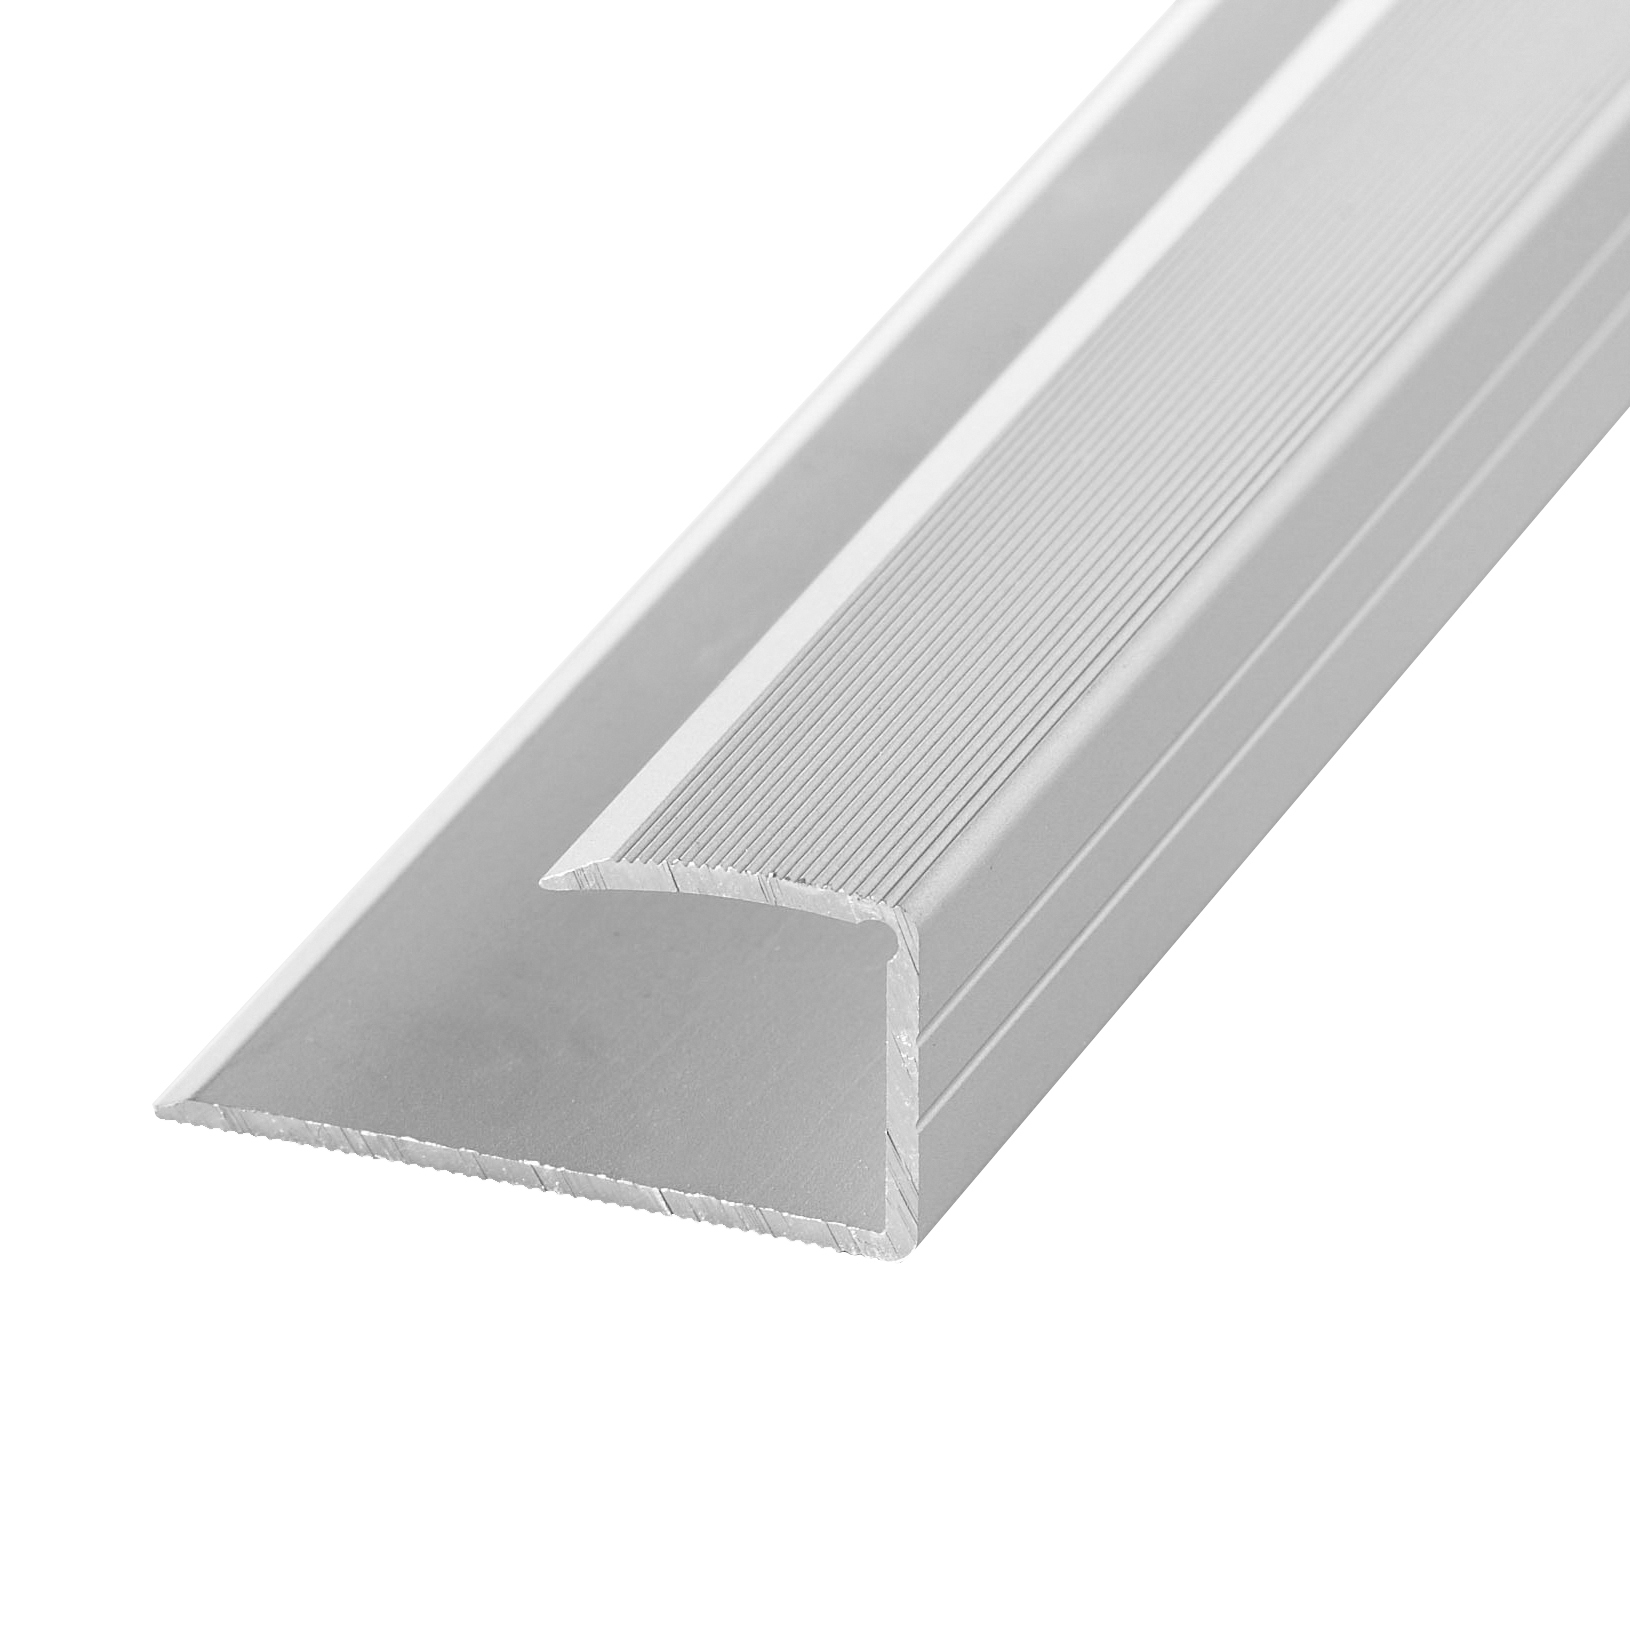 Einfassprofil 14-16mm Alu Silber